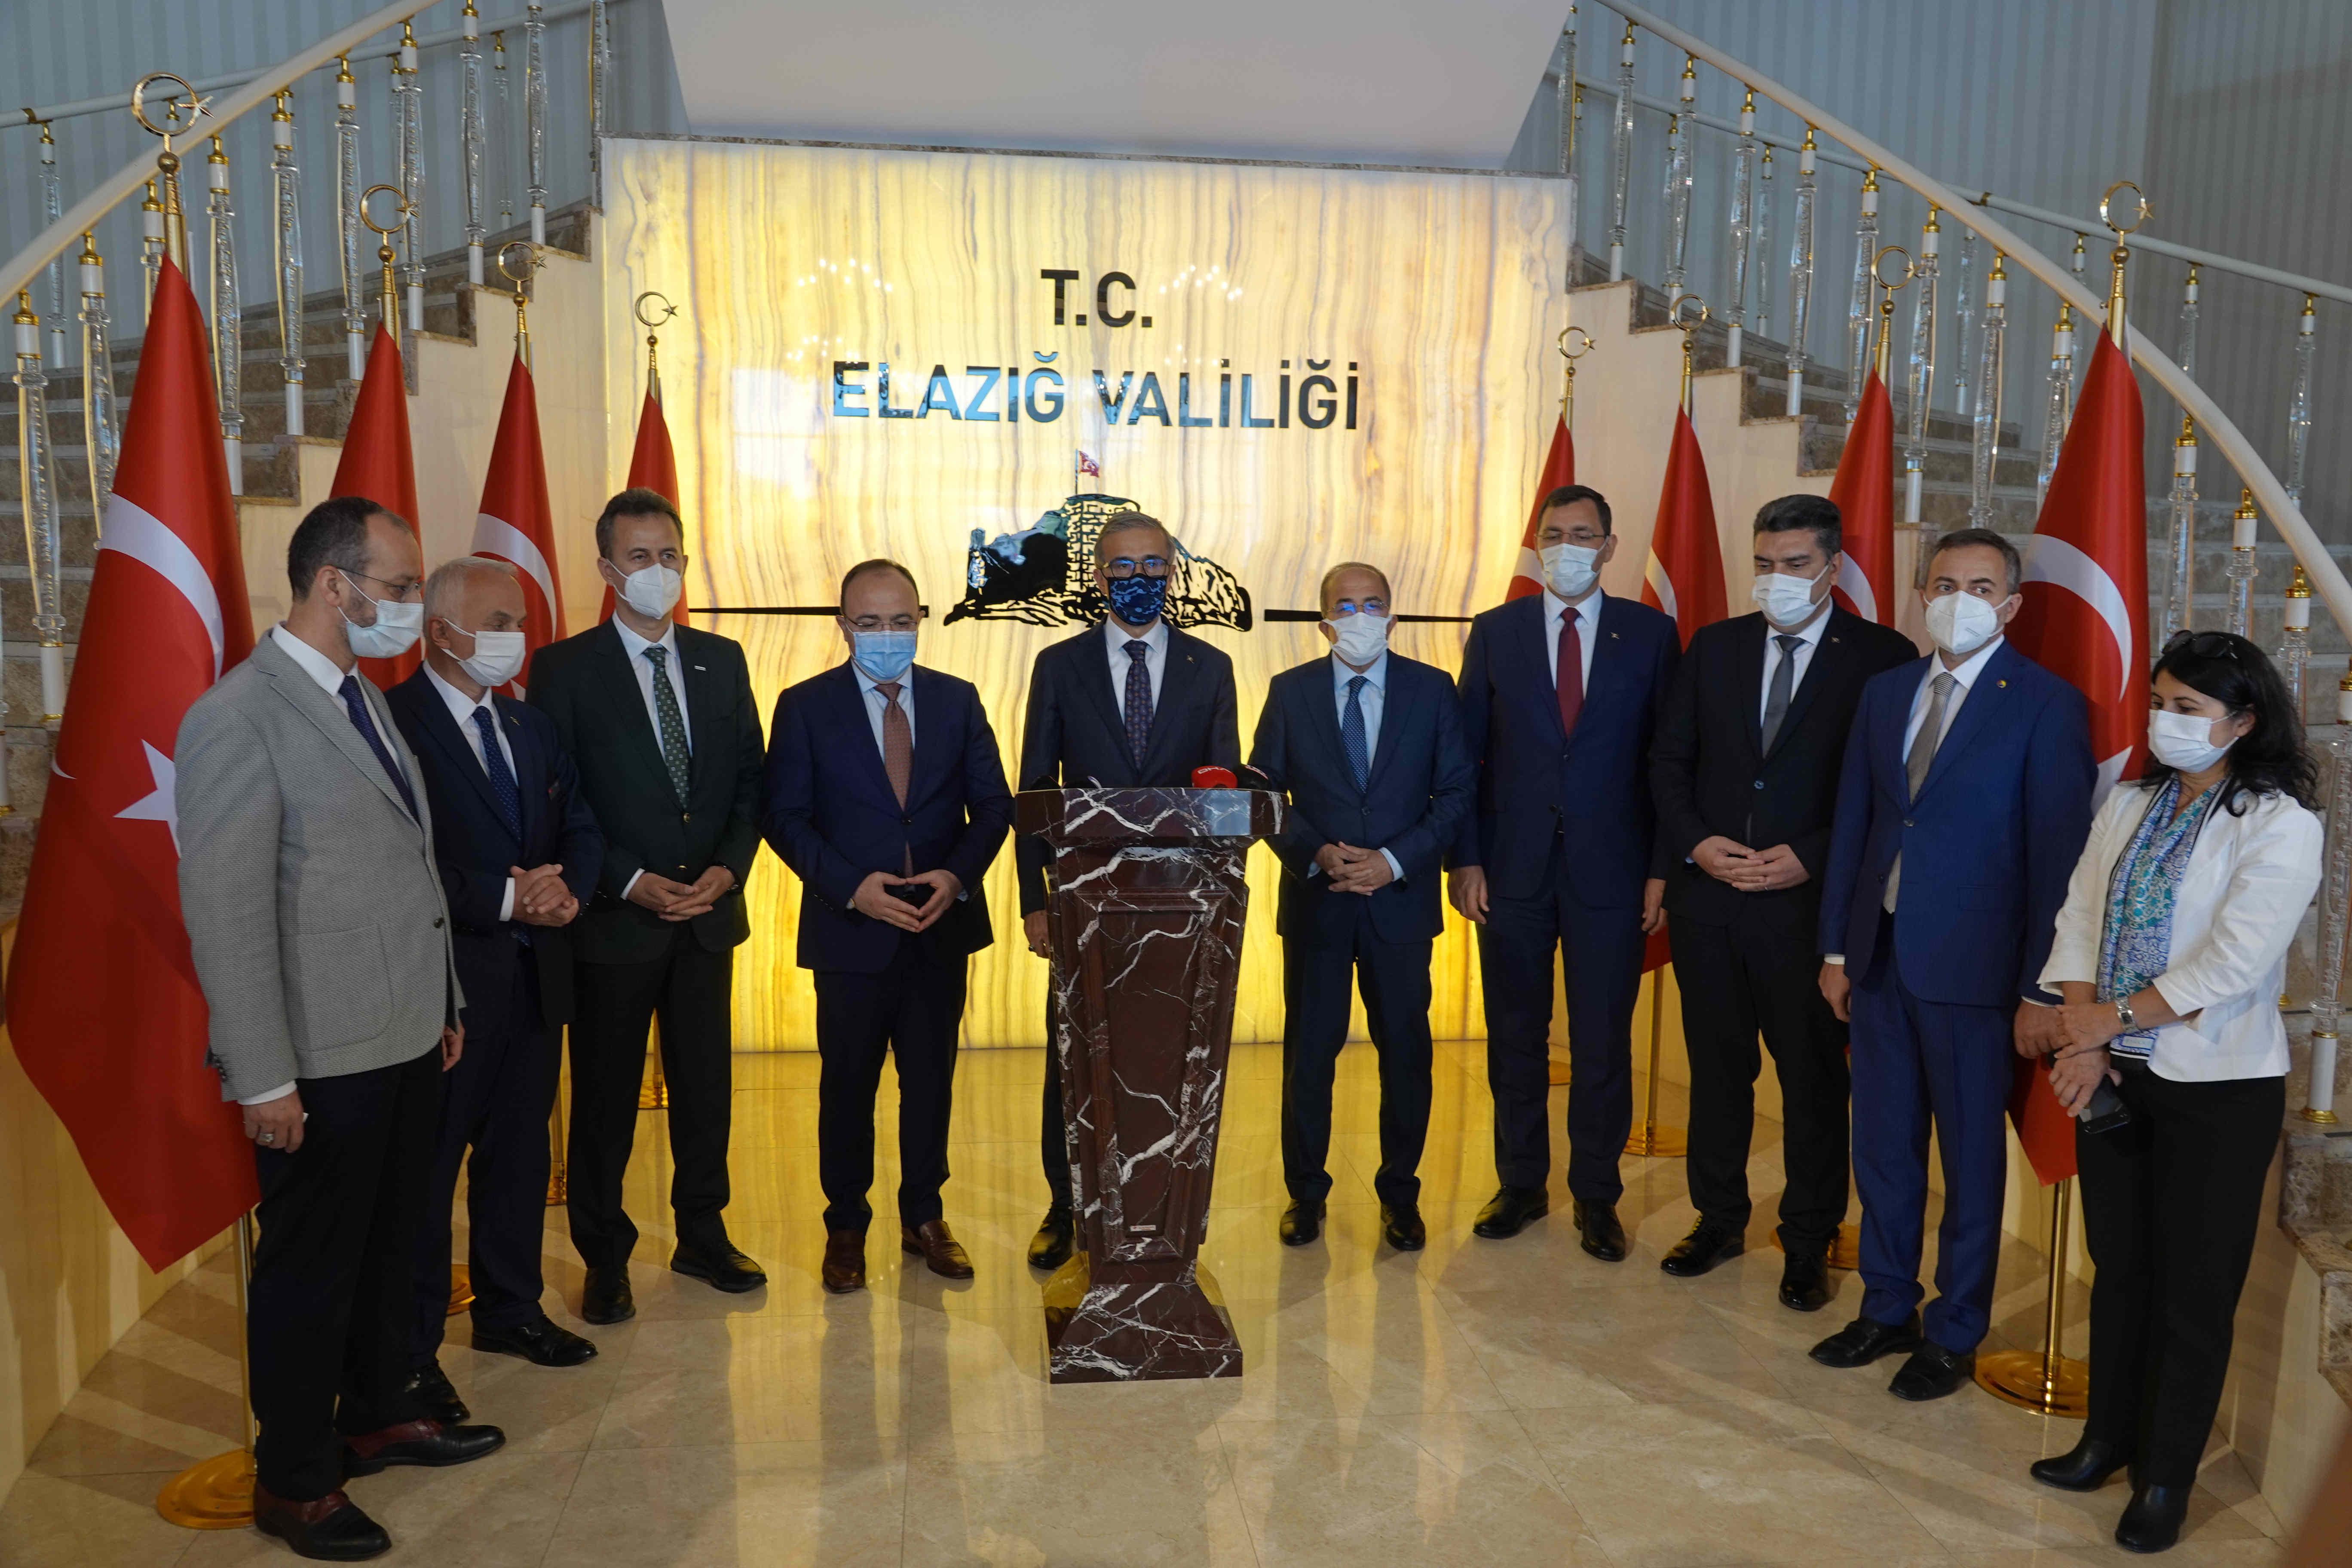 """Cumhurbaşkanlığı Savunma Sanayi Başkanlığından Elazığ'a çıkarma: """"Elazığ Buluşma Toplantısı"""""""